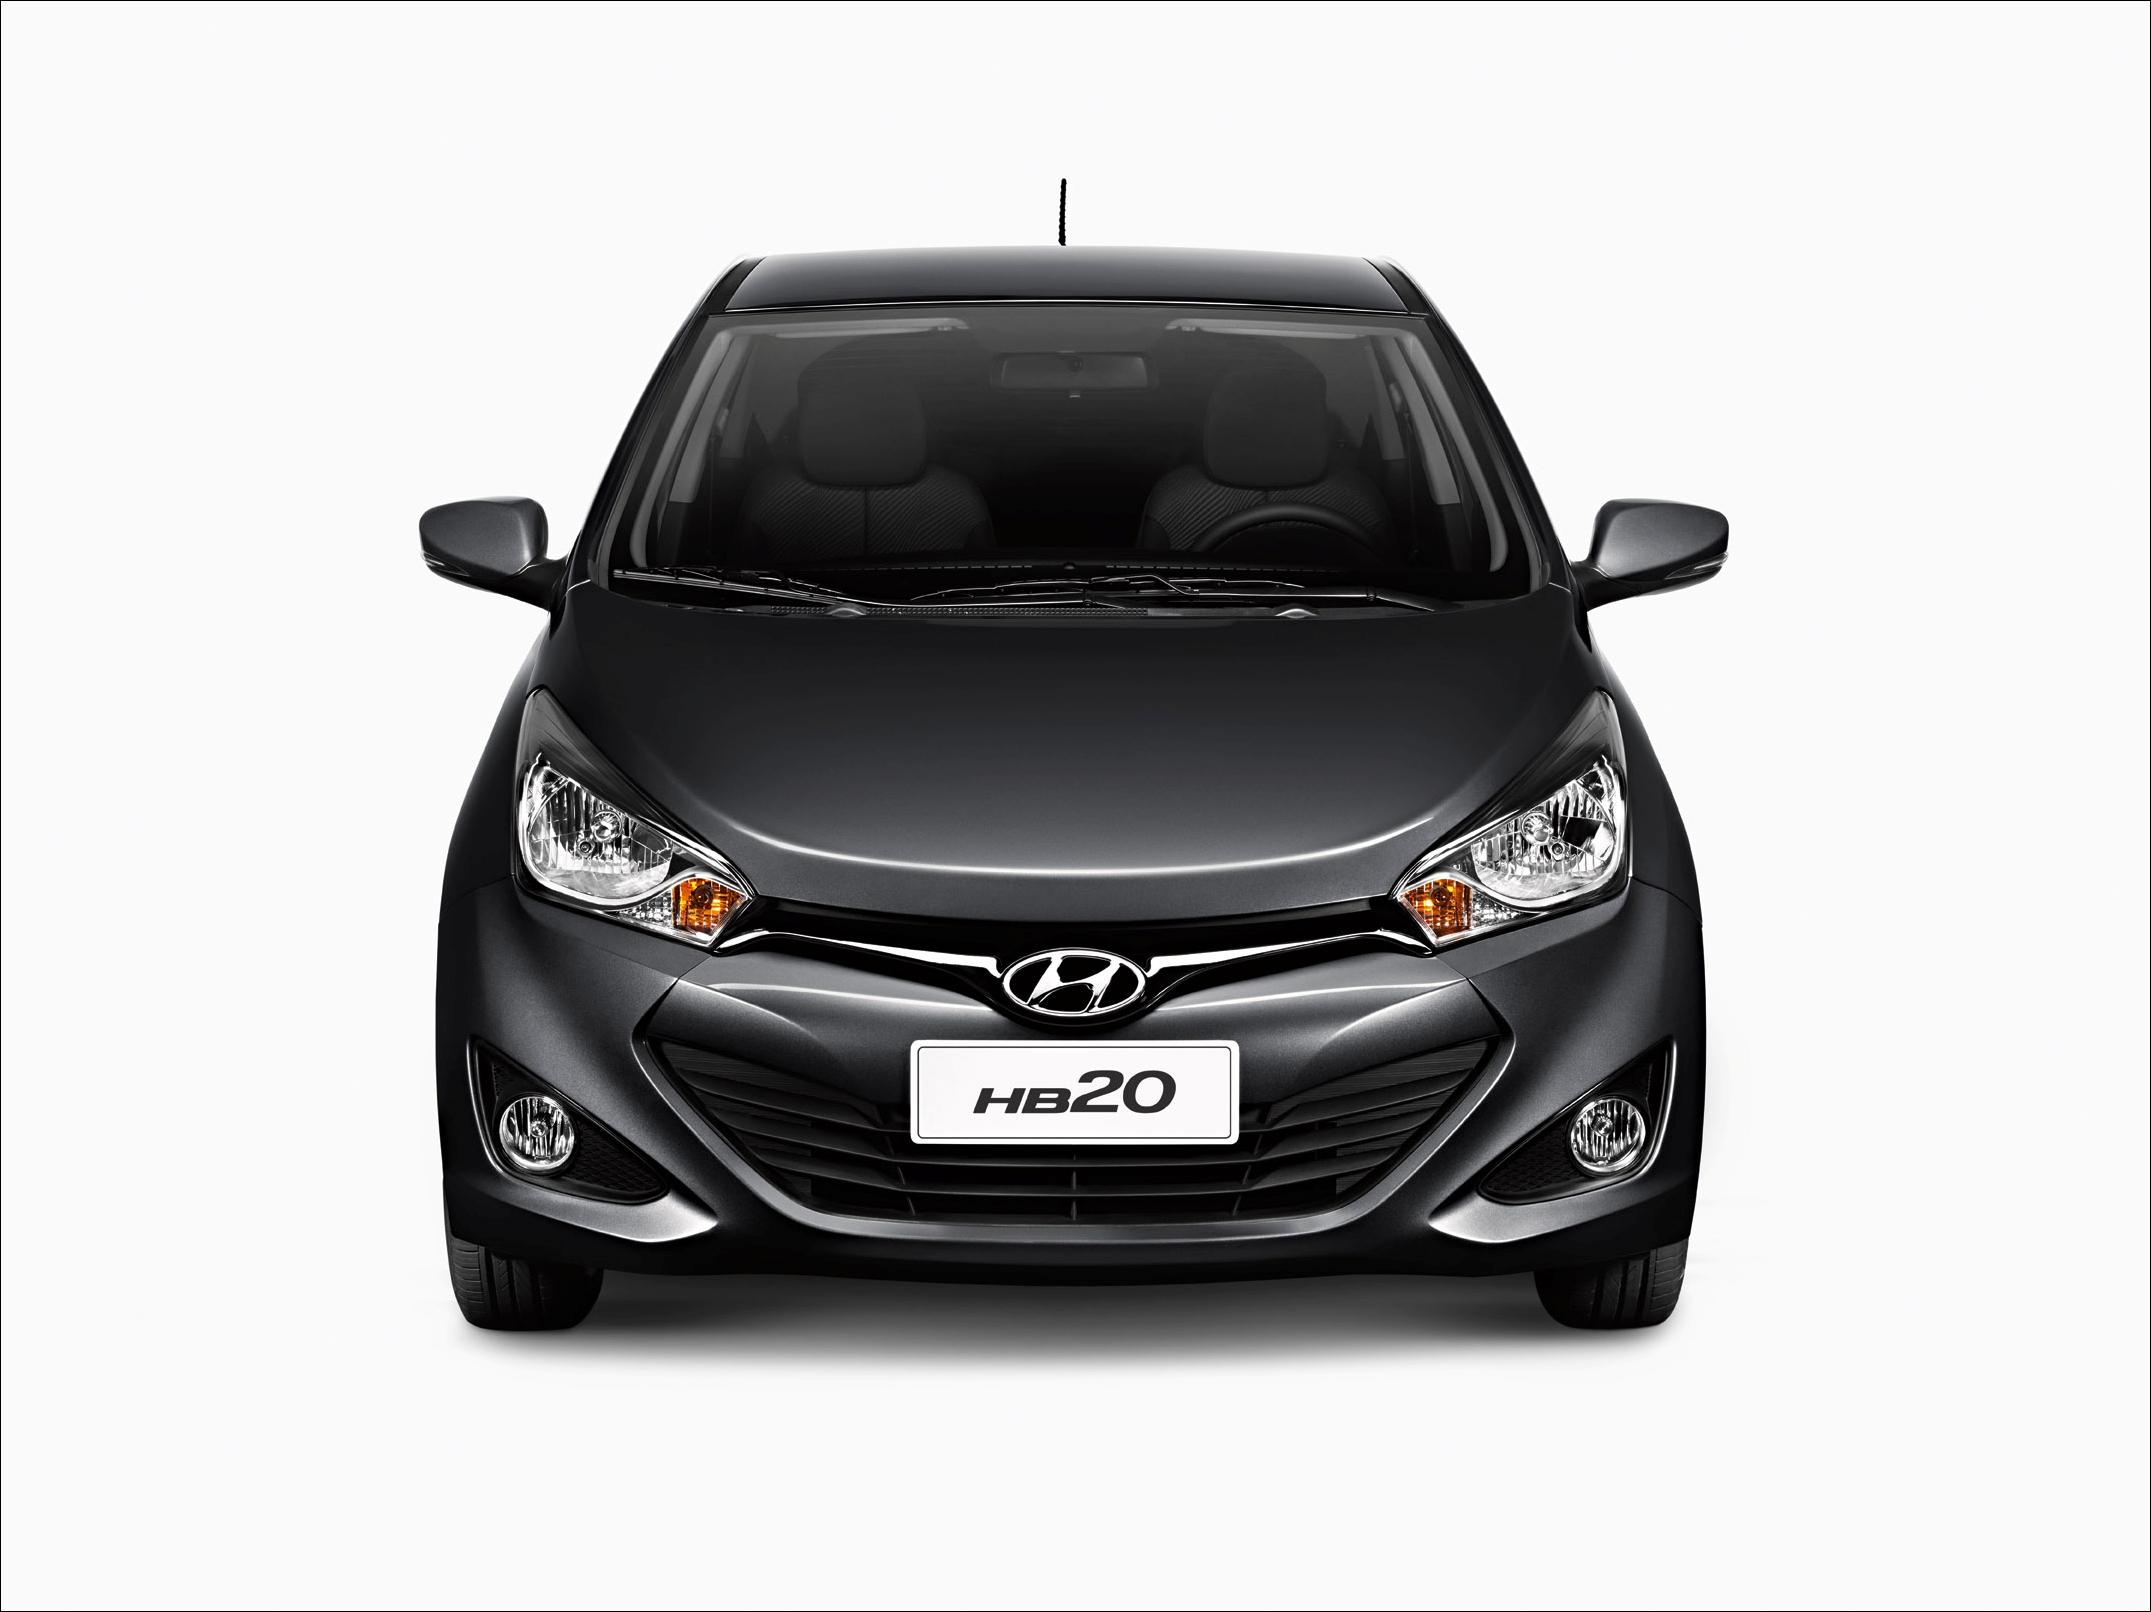 Hb20 2012 Front1 Hyundai Motor Company